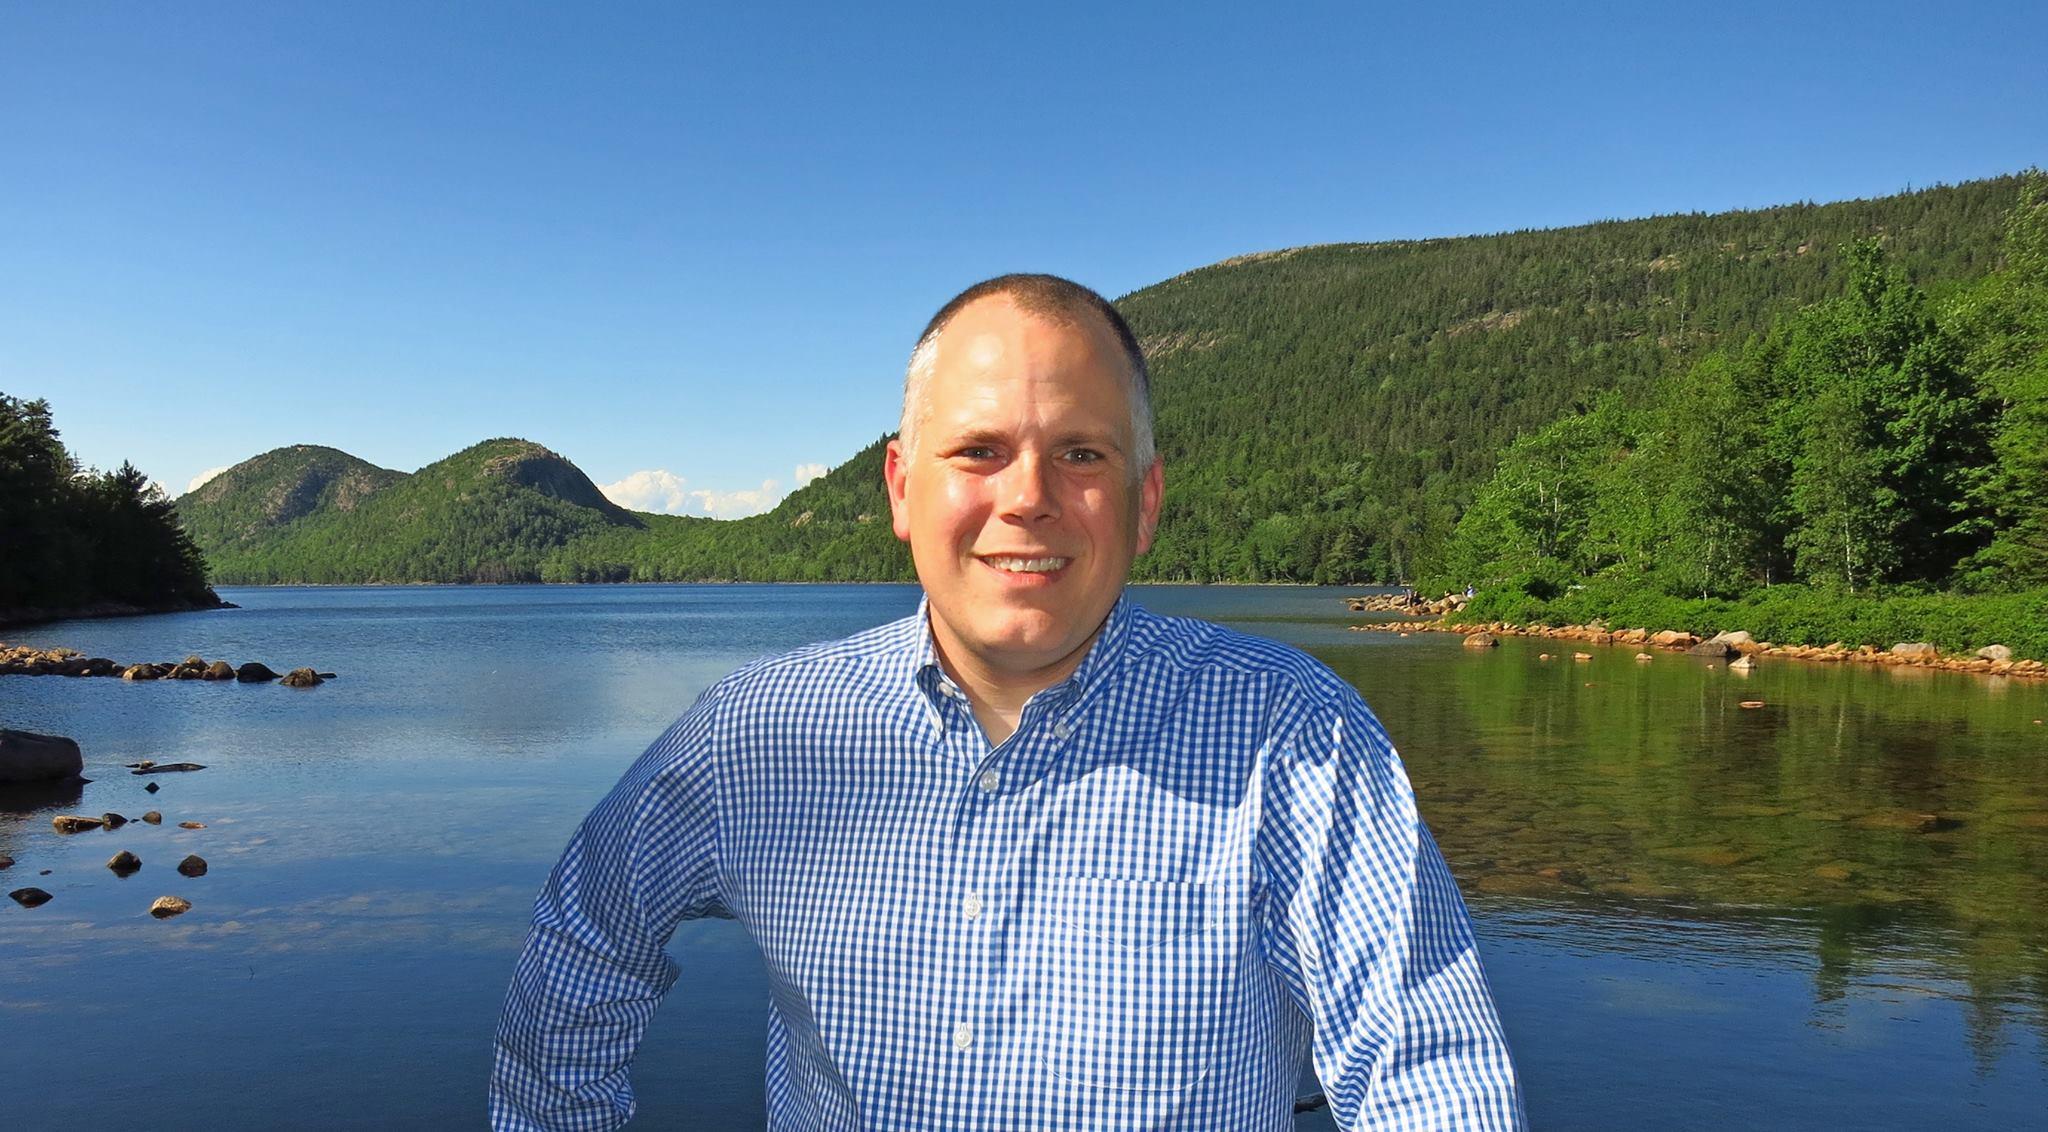 Tim Rich